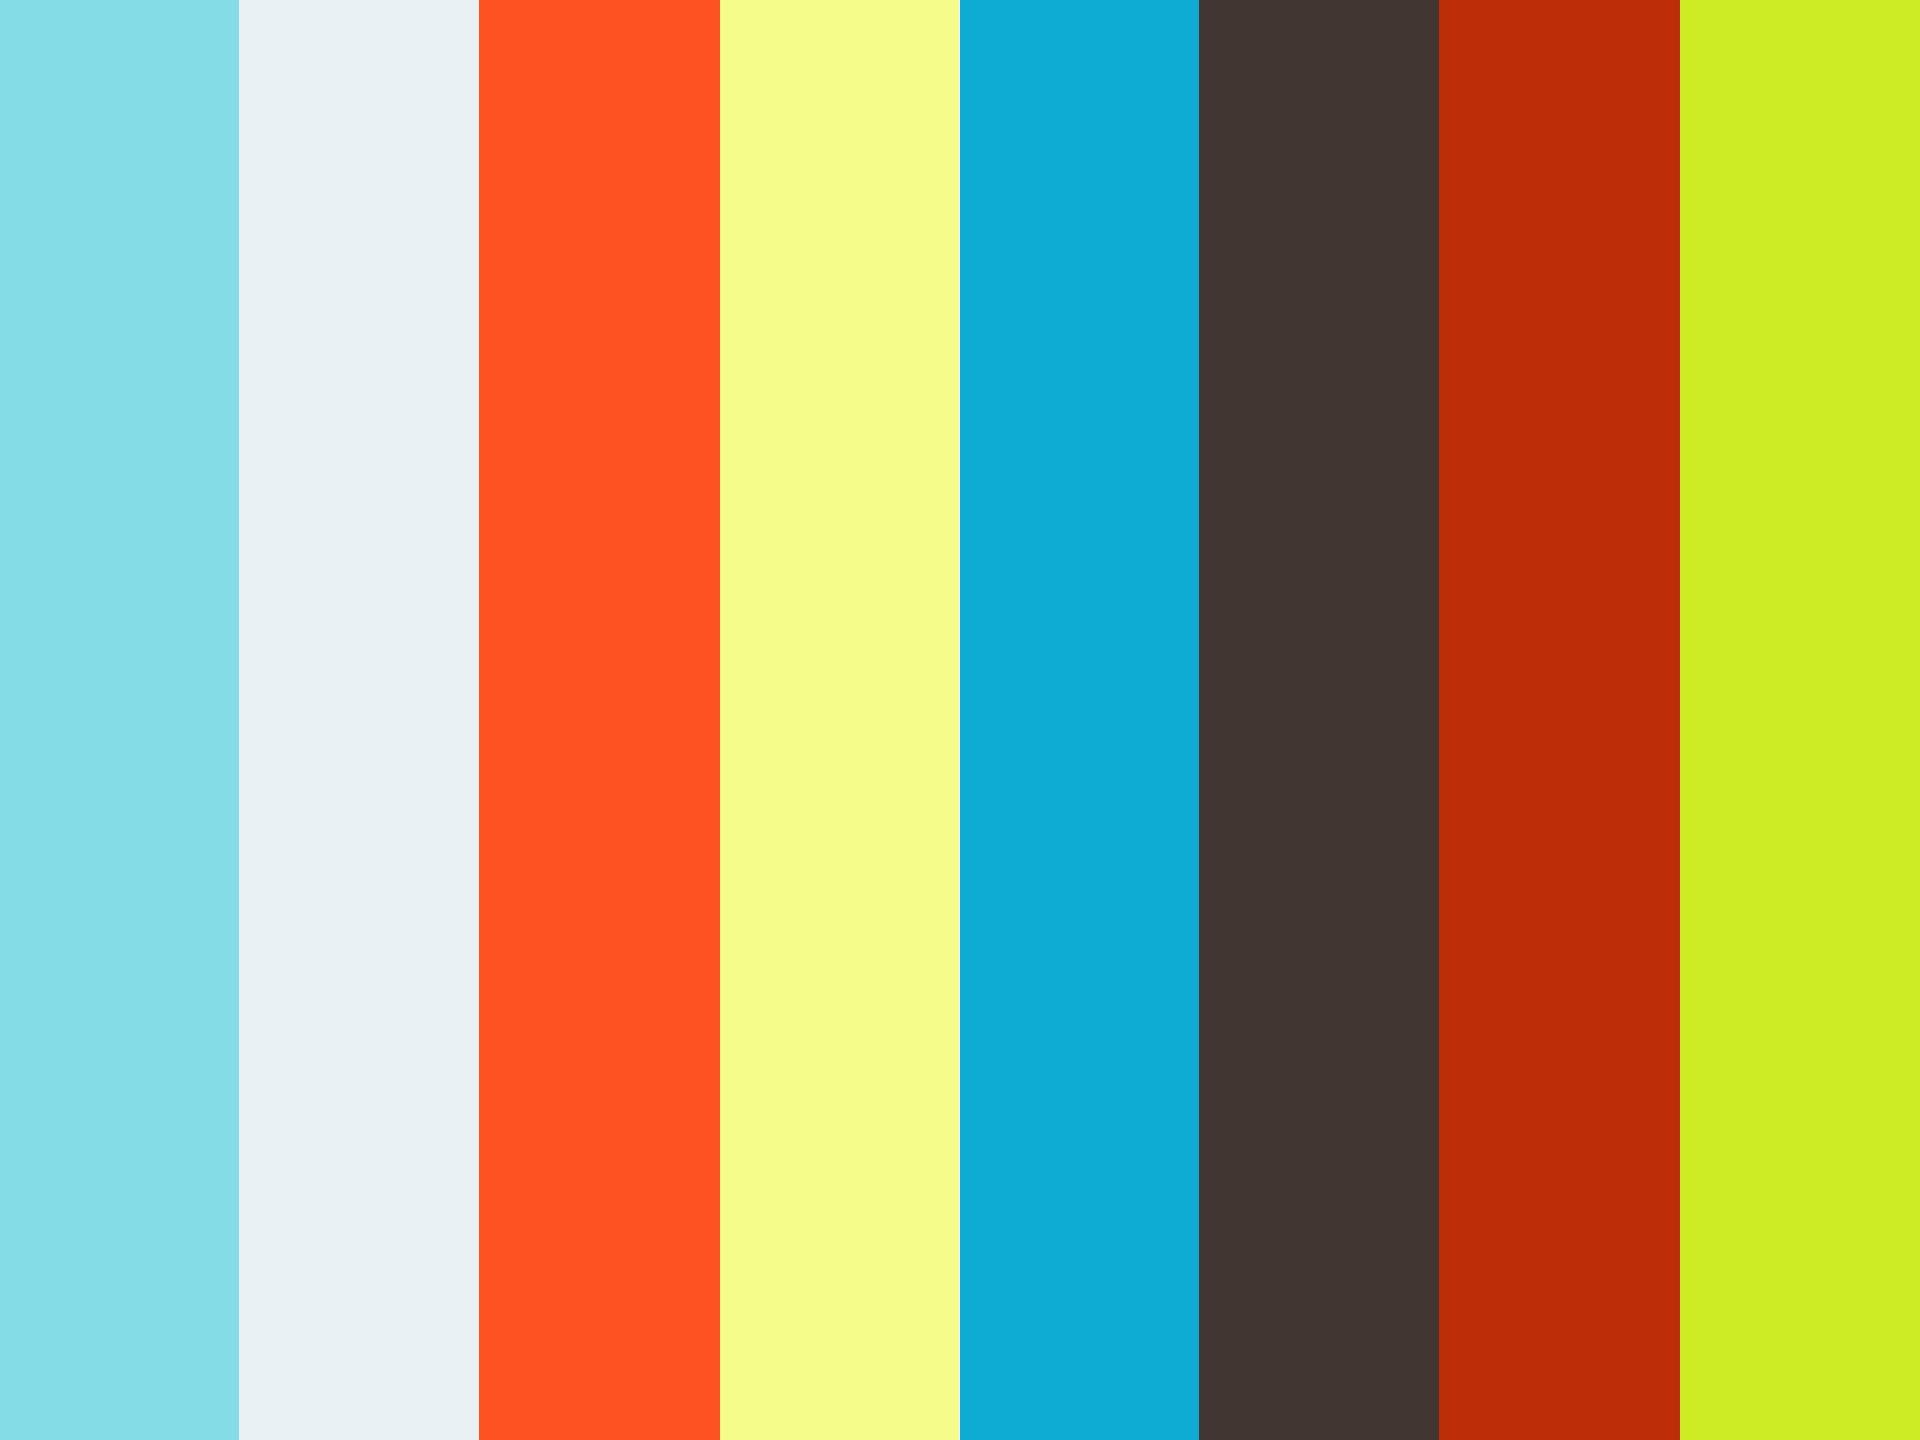 Слушать рианна онлайн рашен рулетка википедия - измерительная рулетка